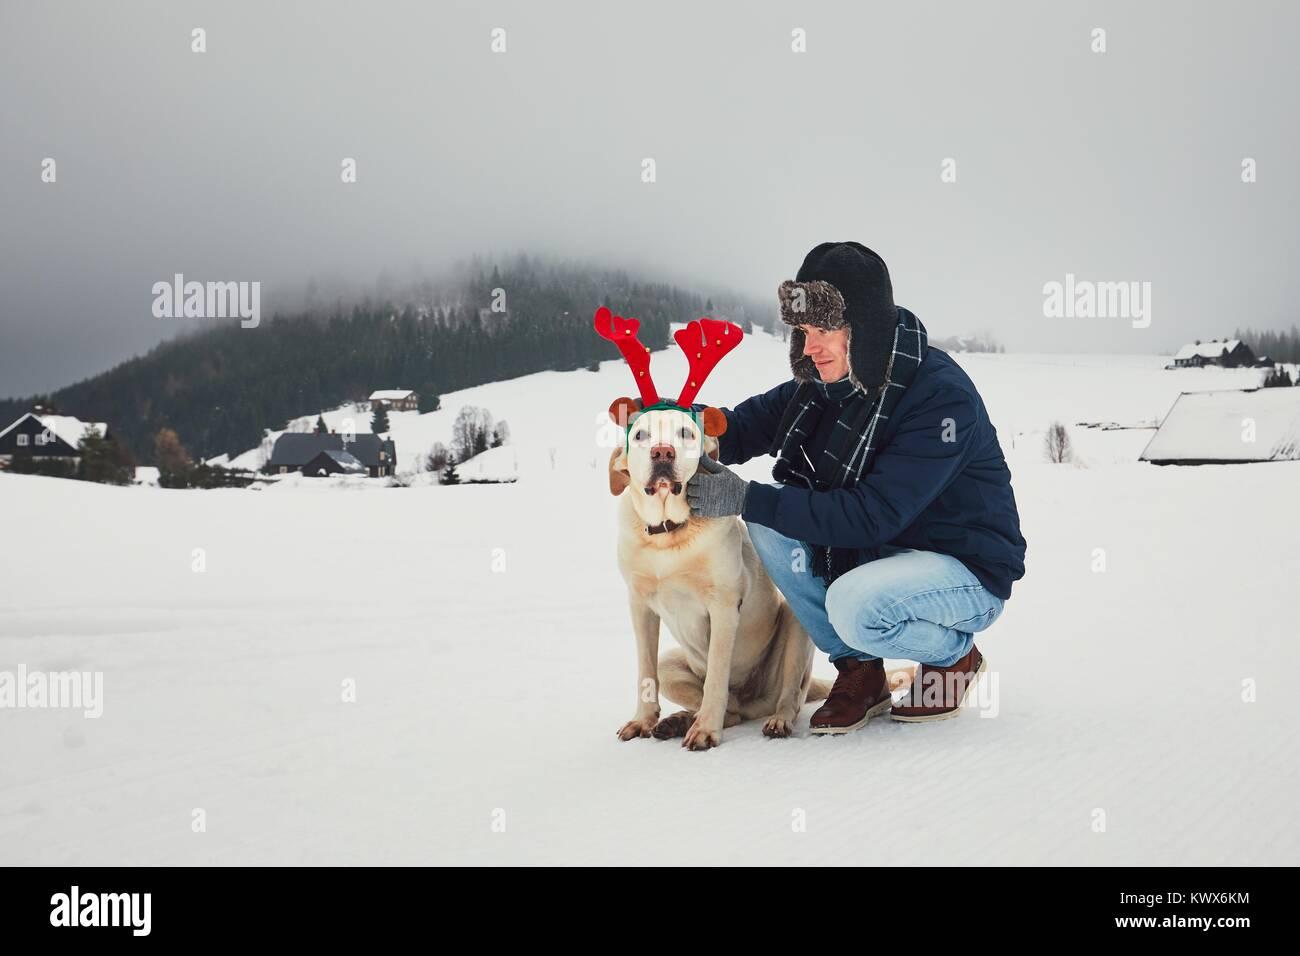 Drôle de marche avec chien dans le paysage enneigé. Labrador retriever porte faux bois de renne. La saison Photo Stock